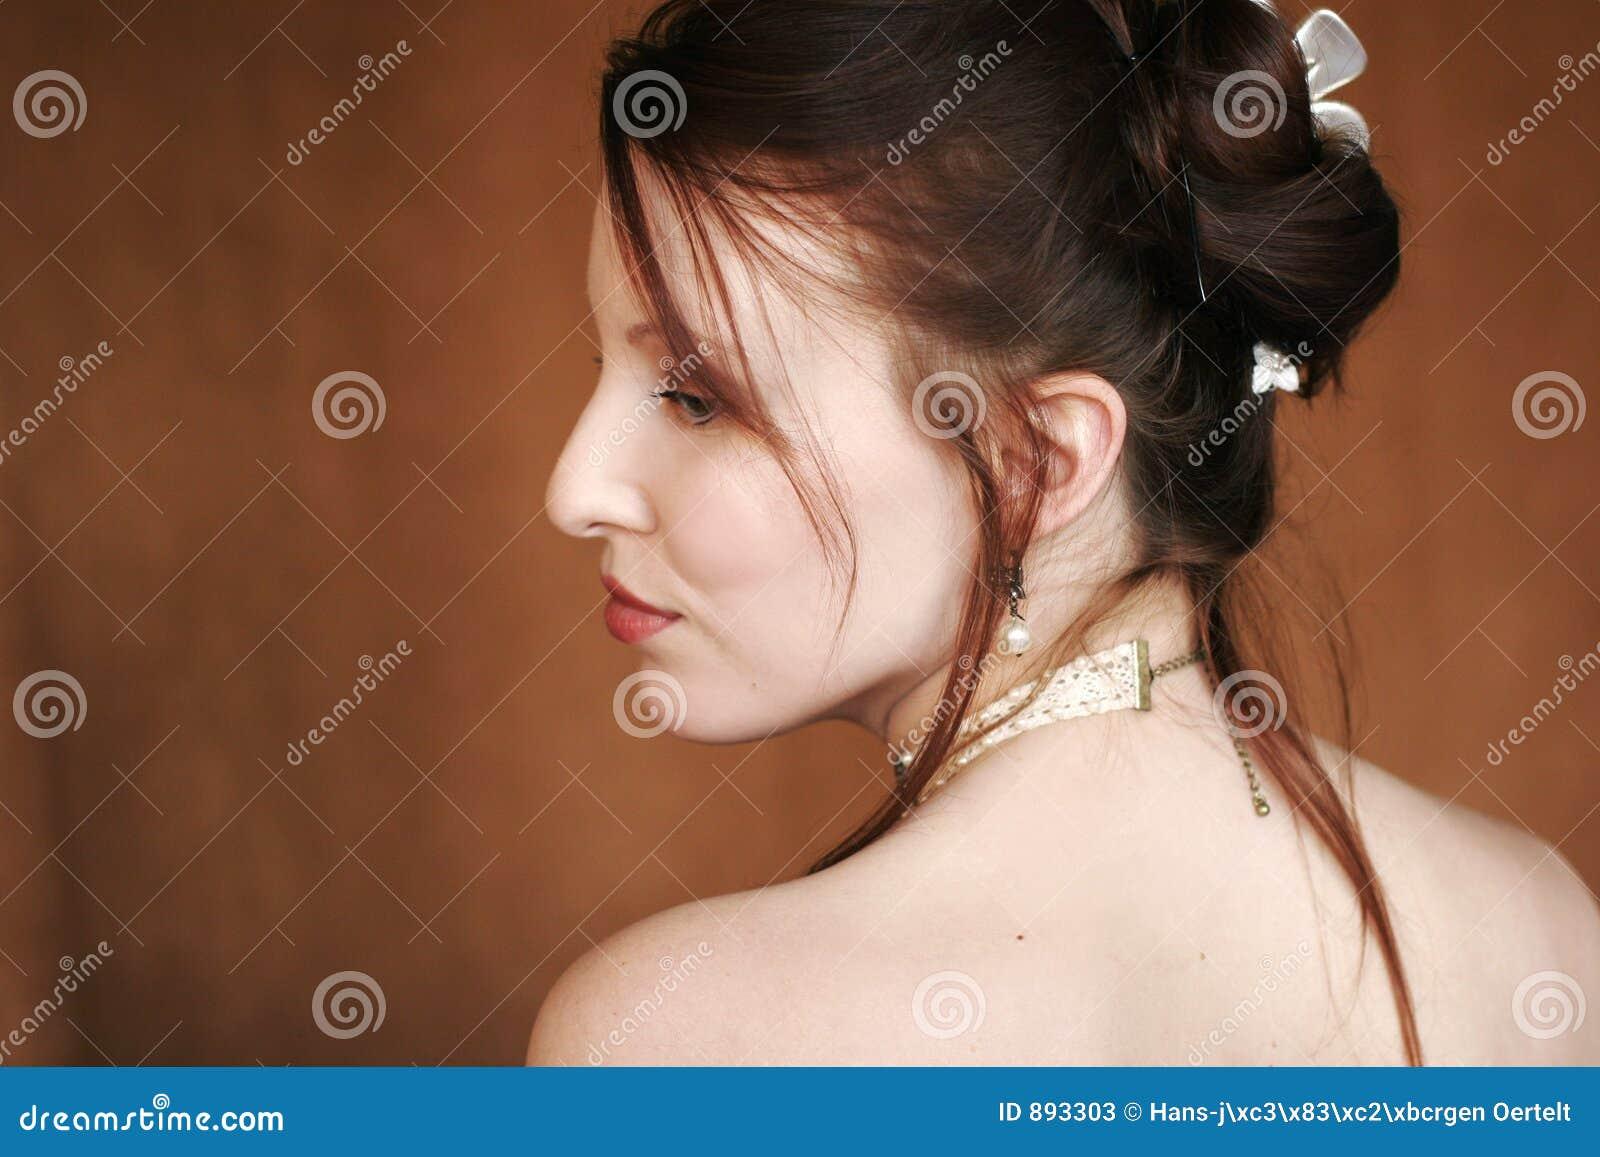 Kobieta profilowa